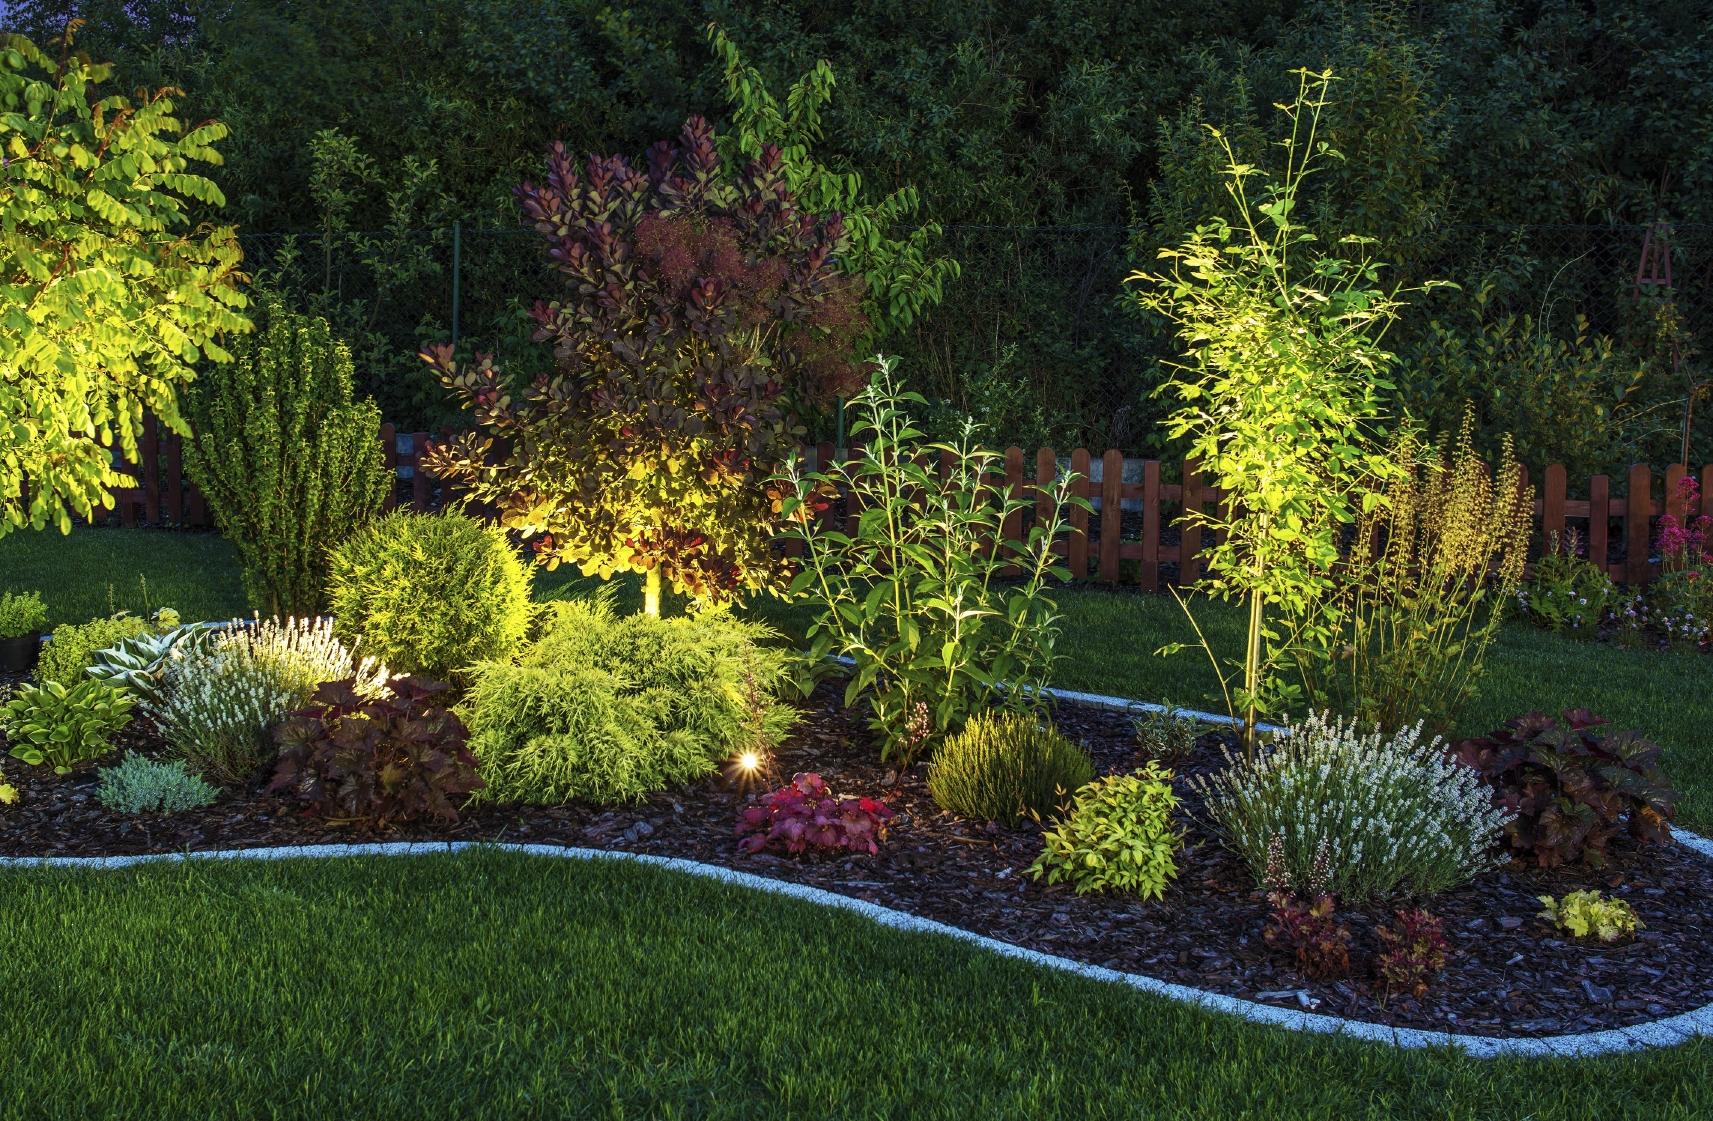 Illuminated Garden